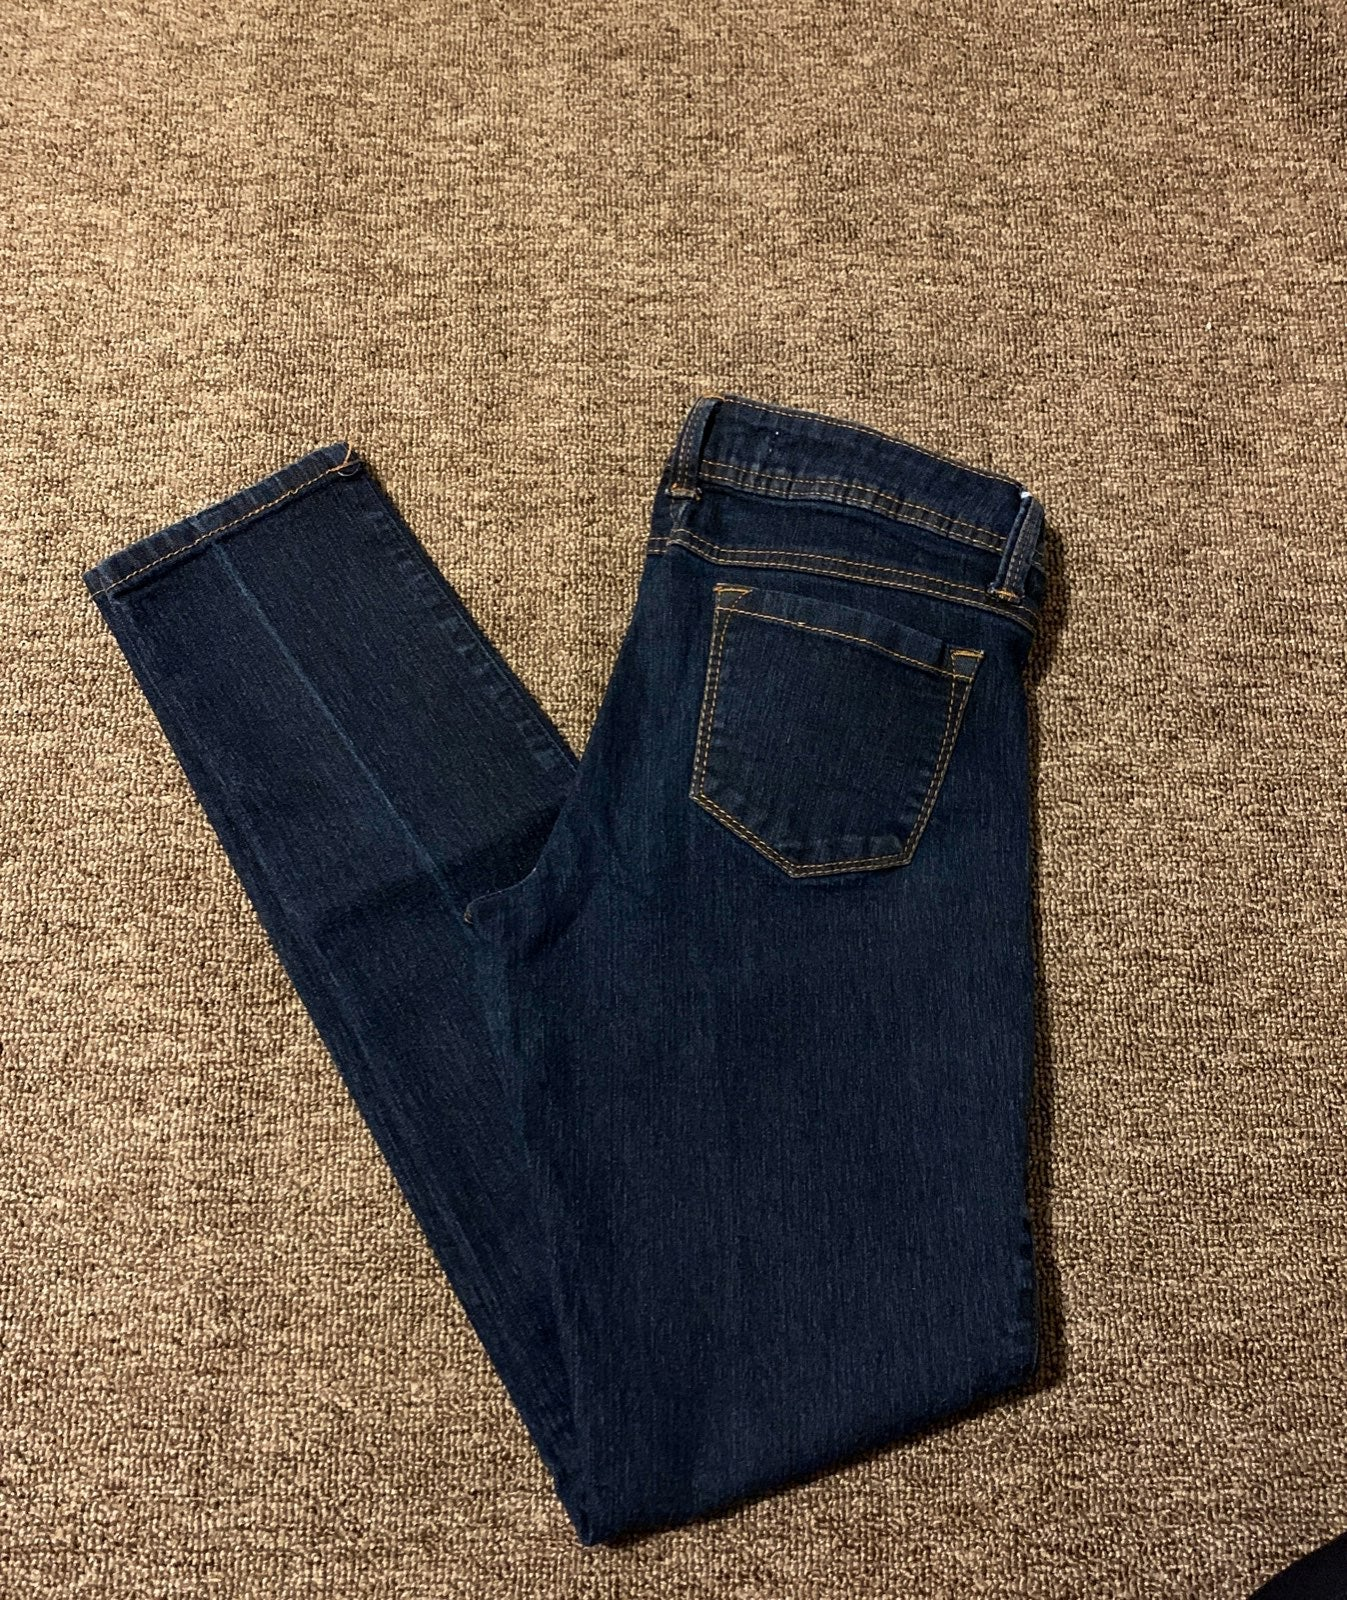 Ladies Blue Jeans Size 5